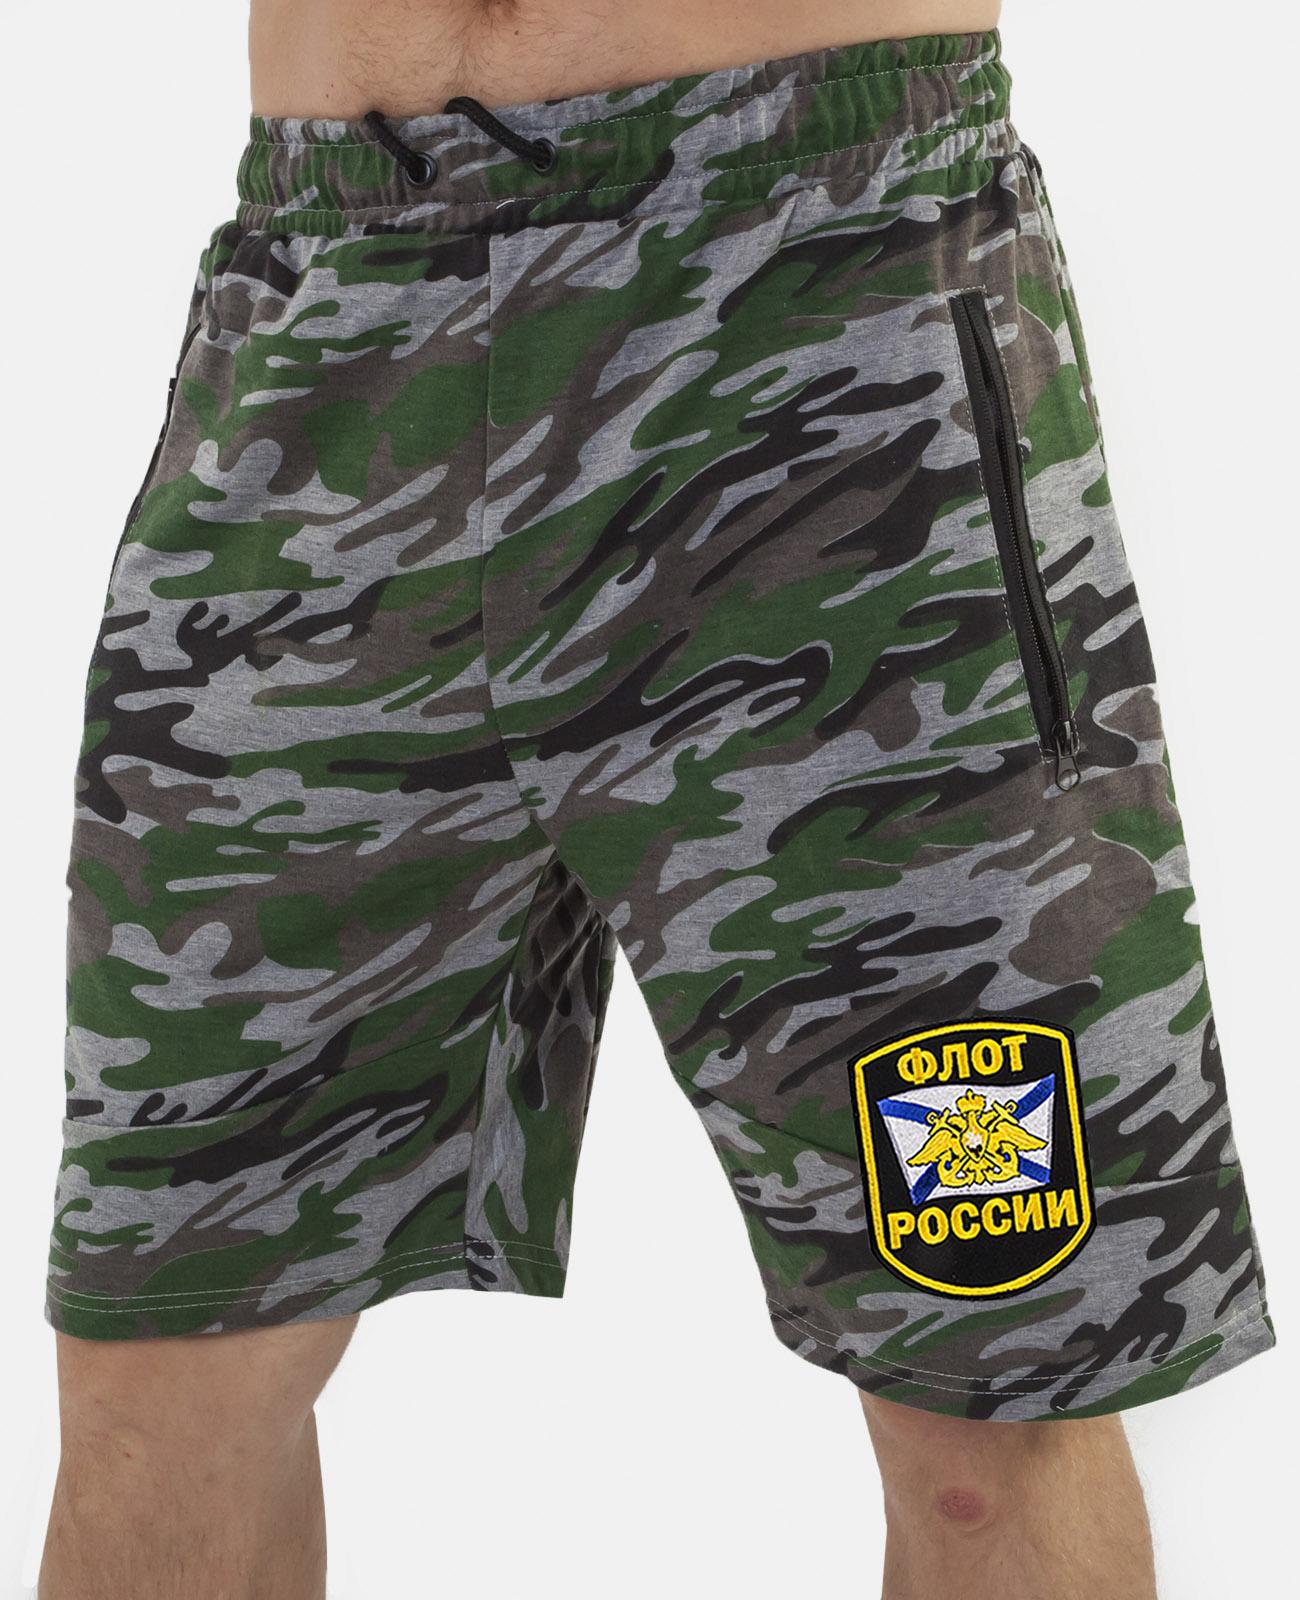 Купить камуфляжные военные шорты с нашивкой Флот России с доставкой в ваш город